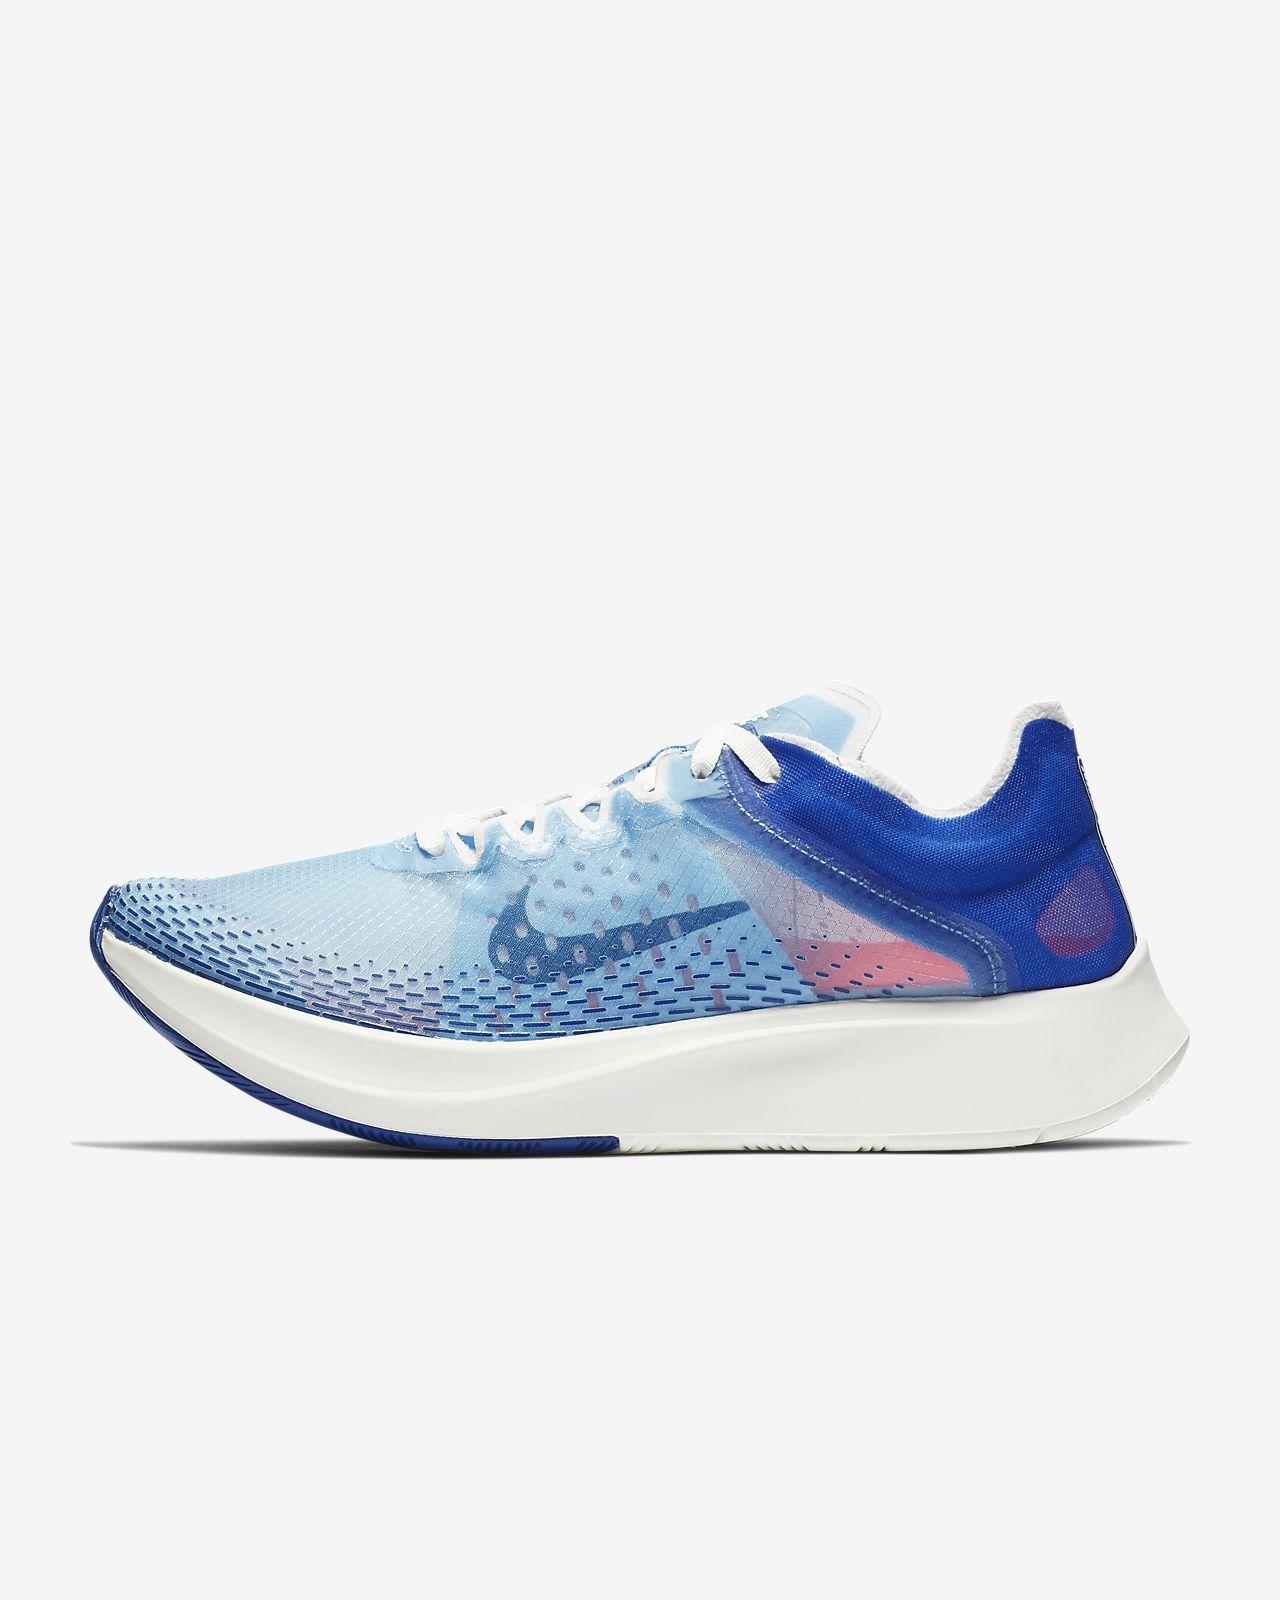 Nike Zoom Fly SP Fast Damen-Laufschuh